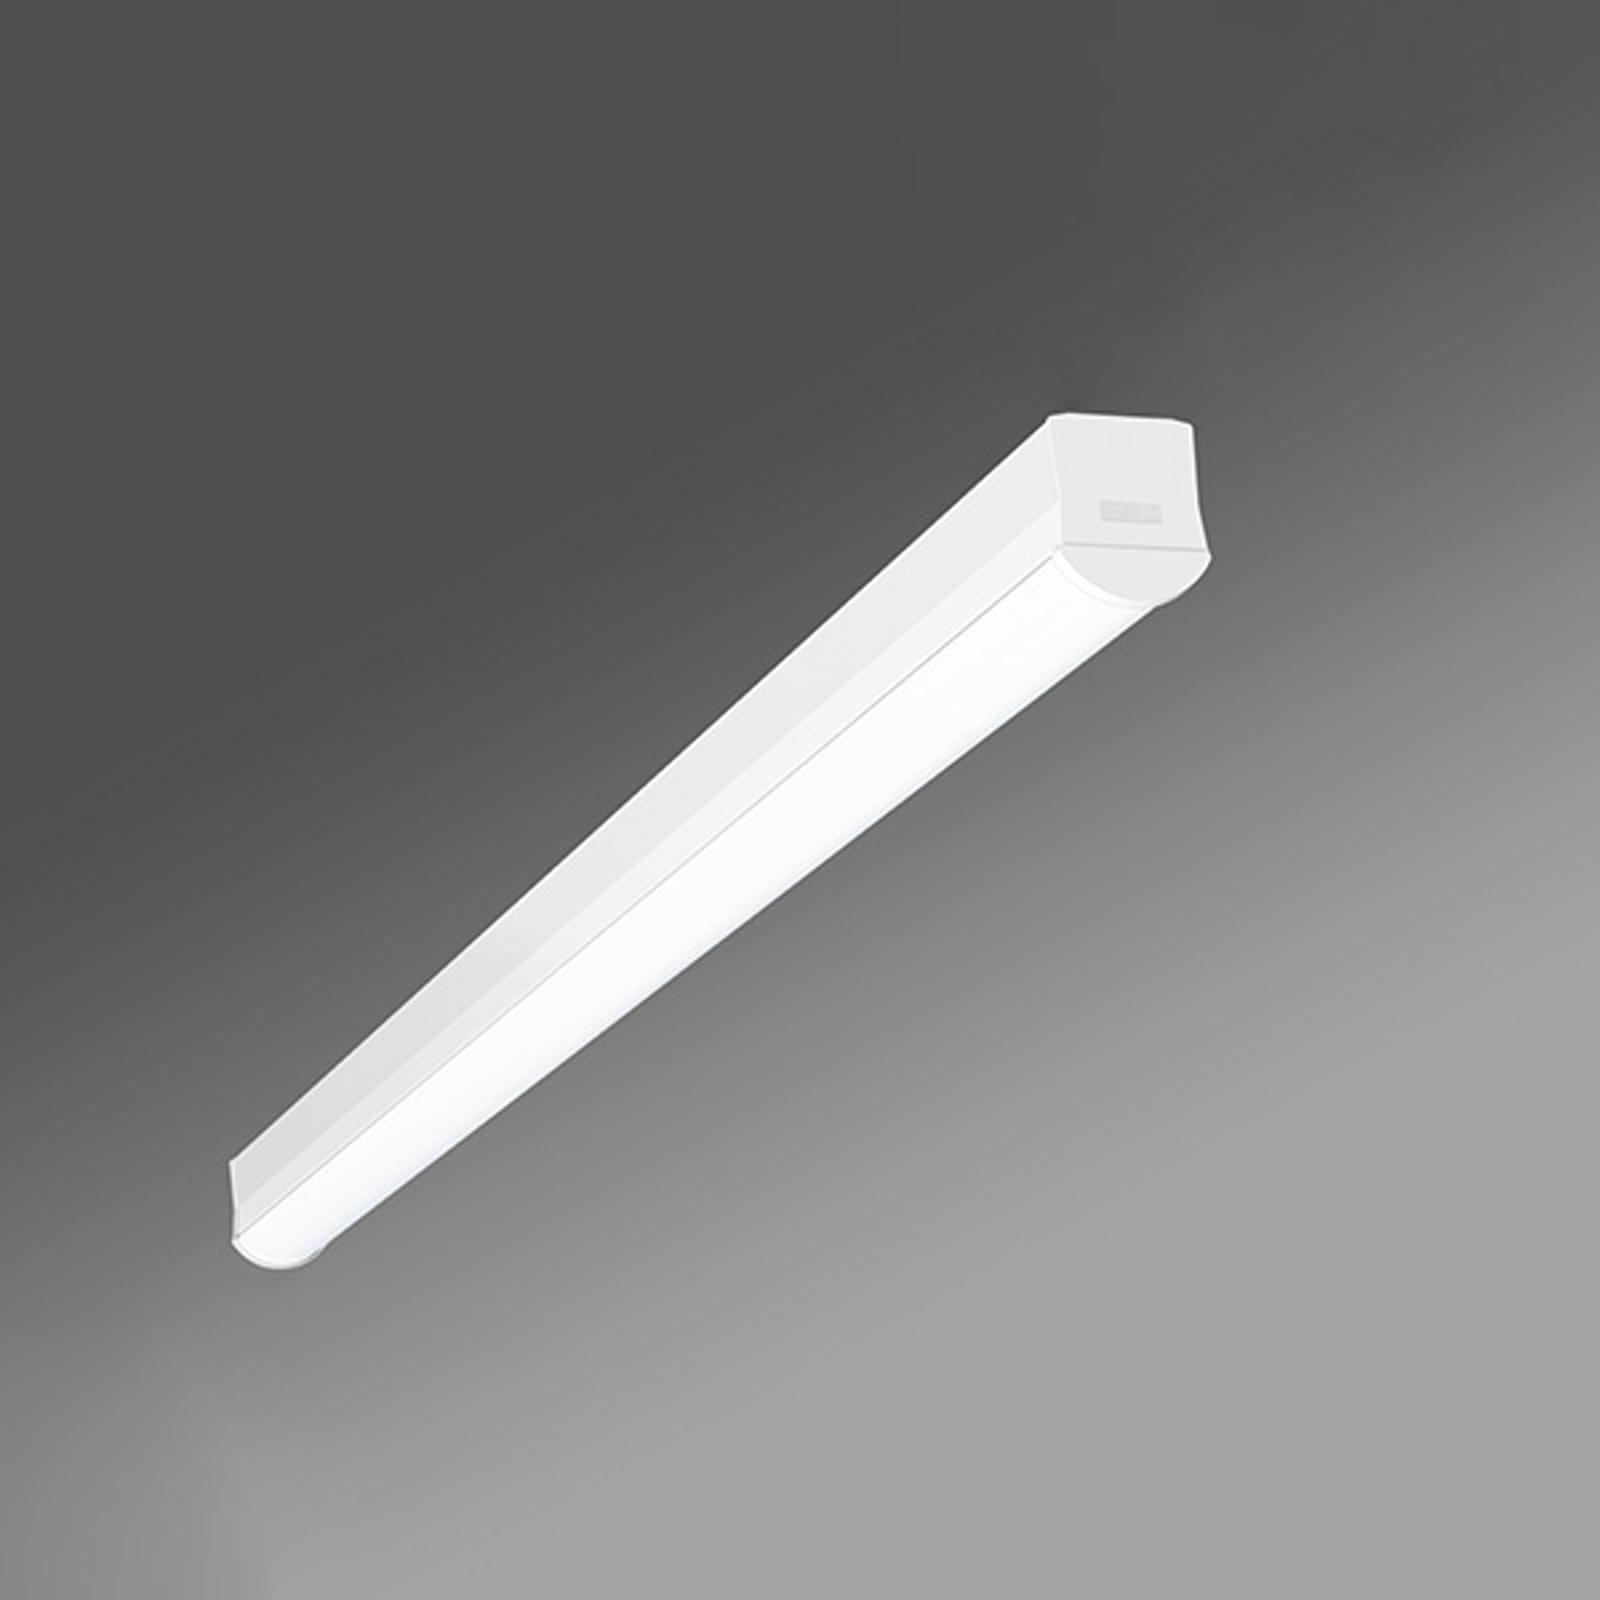 Lámpara LED de techo larga Ilia ILG1200 4.000K